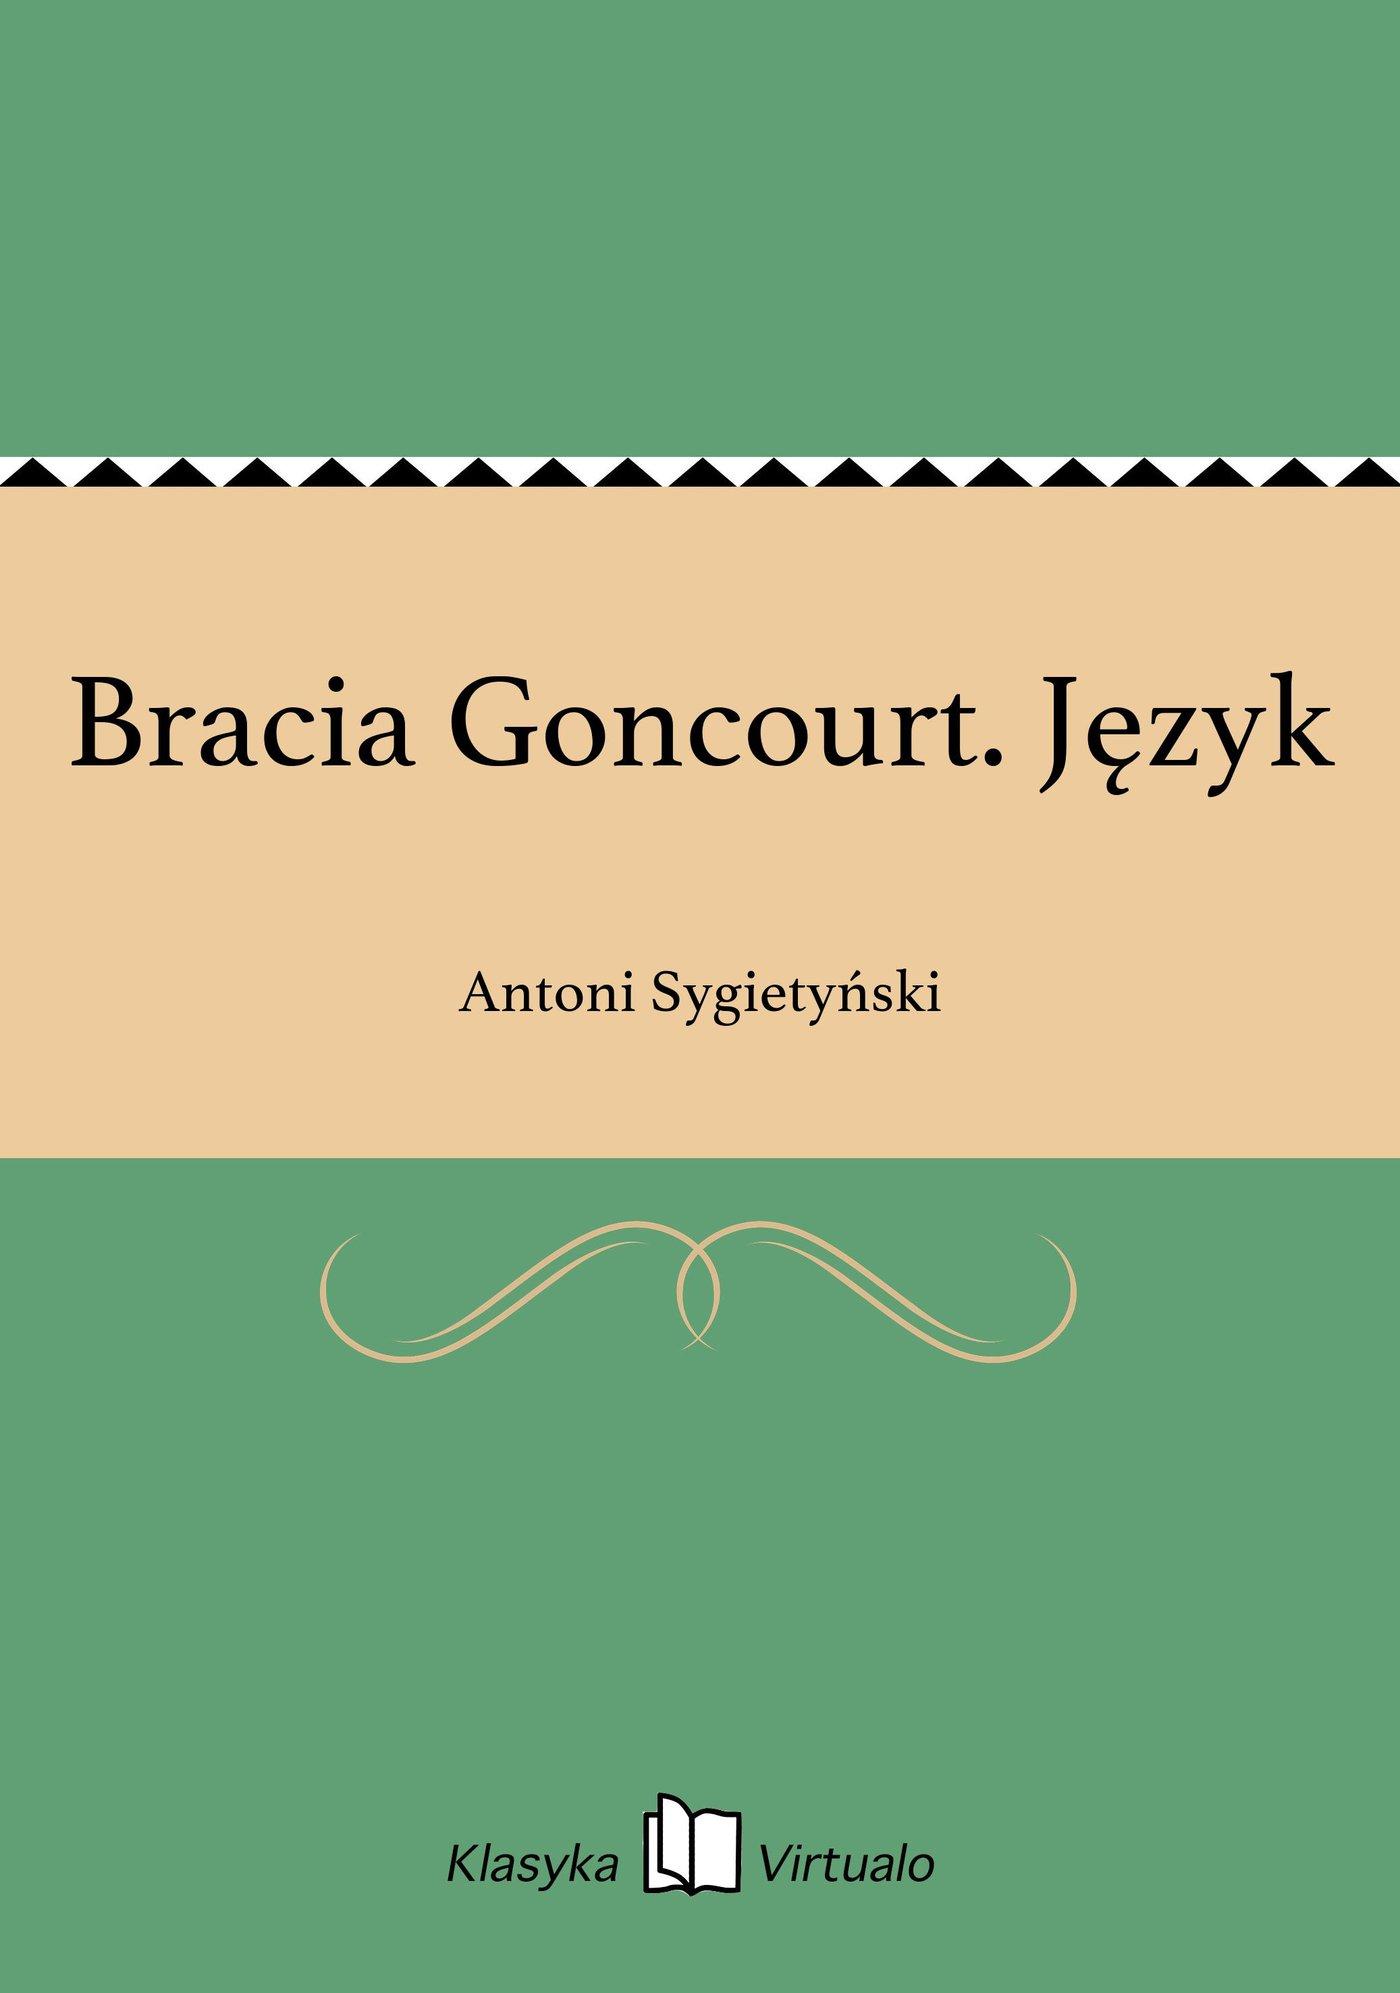 Bracia Goncourt. Język - Ebook (Książka na Kindle) do pobrania w formacie MOBI